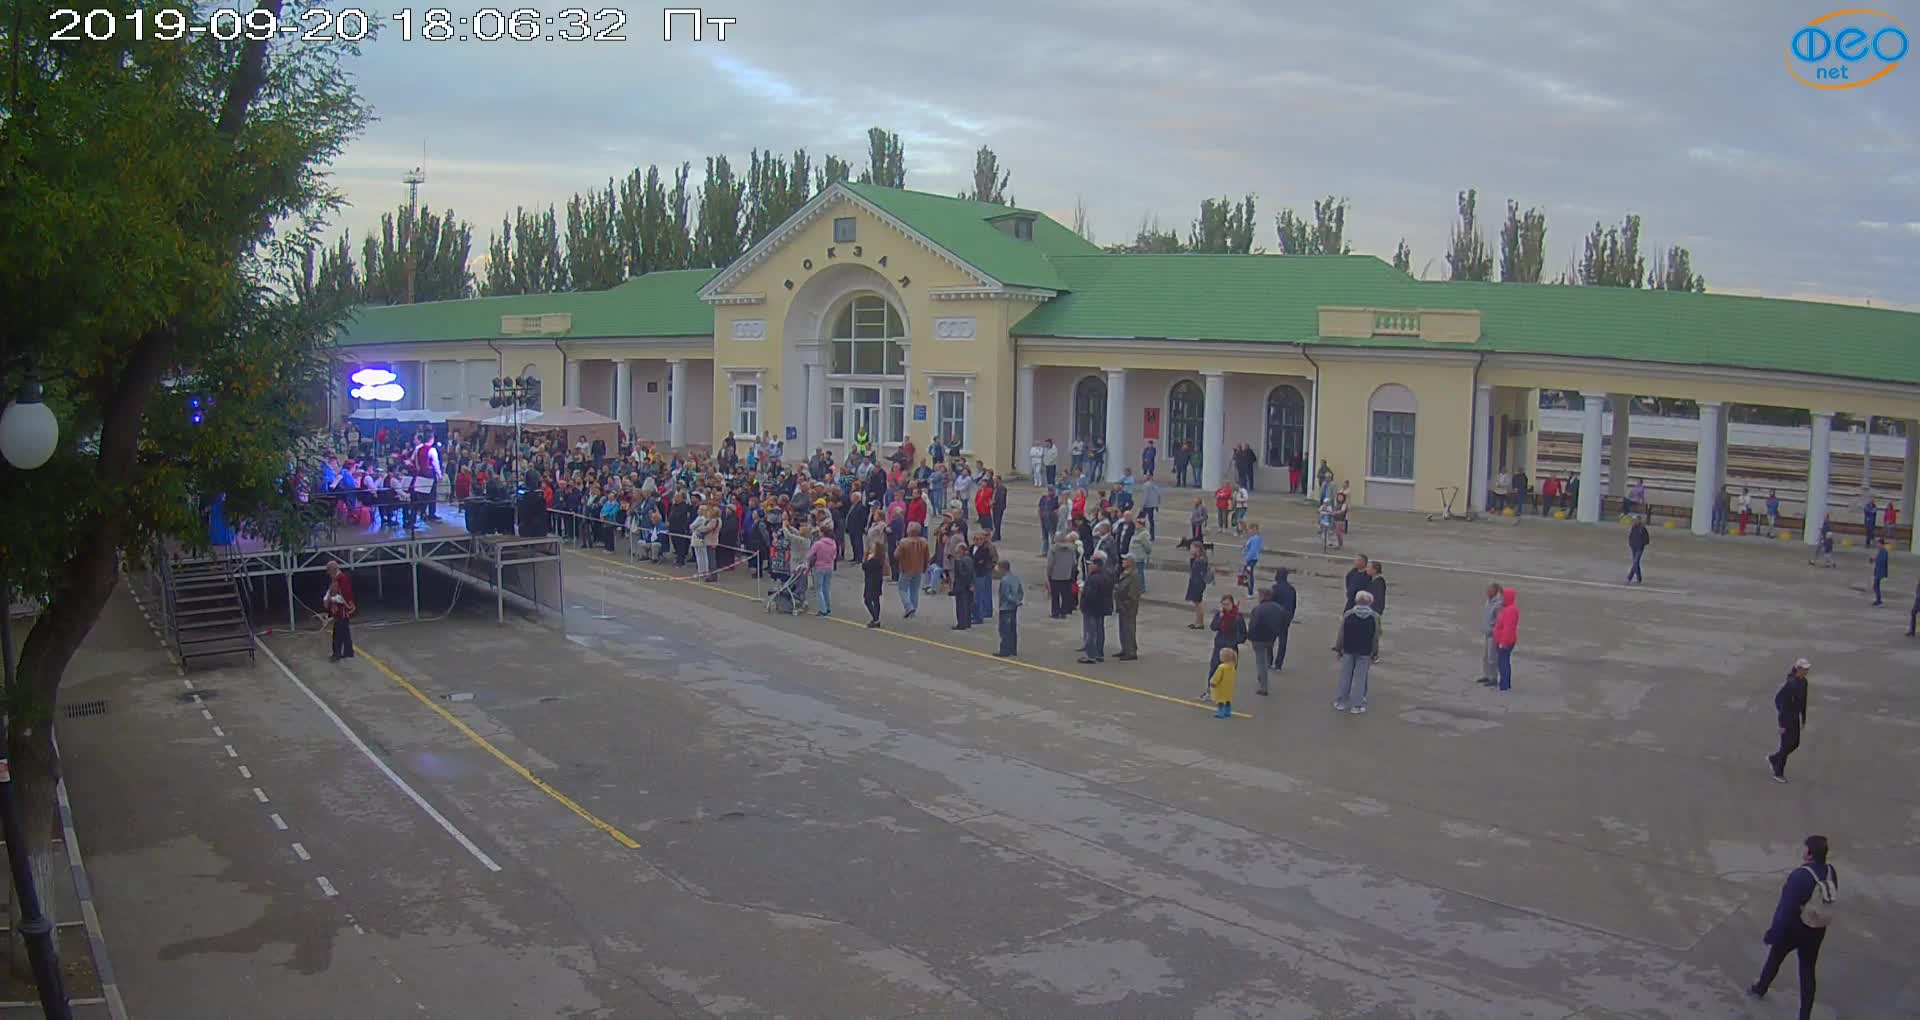 Веб-камеры Феодосии, Привокзальная площадь, 2019-09-20 18:23:07